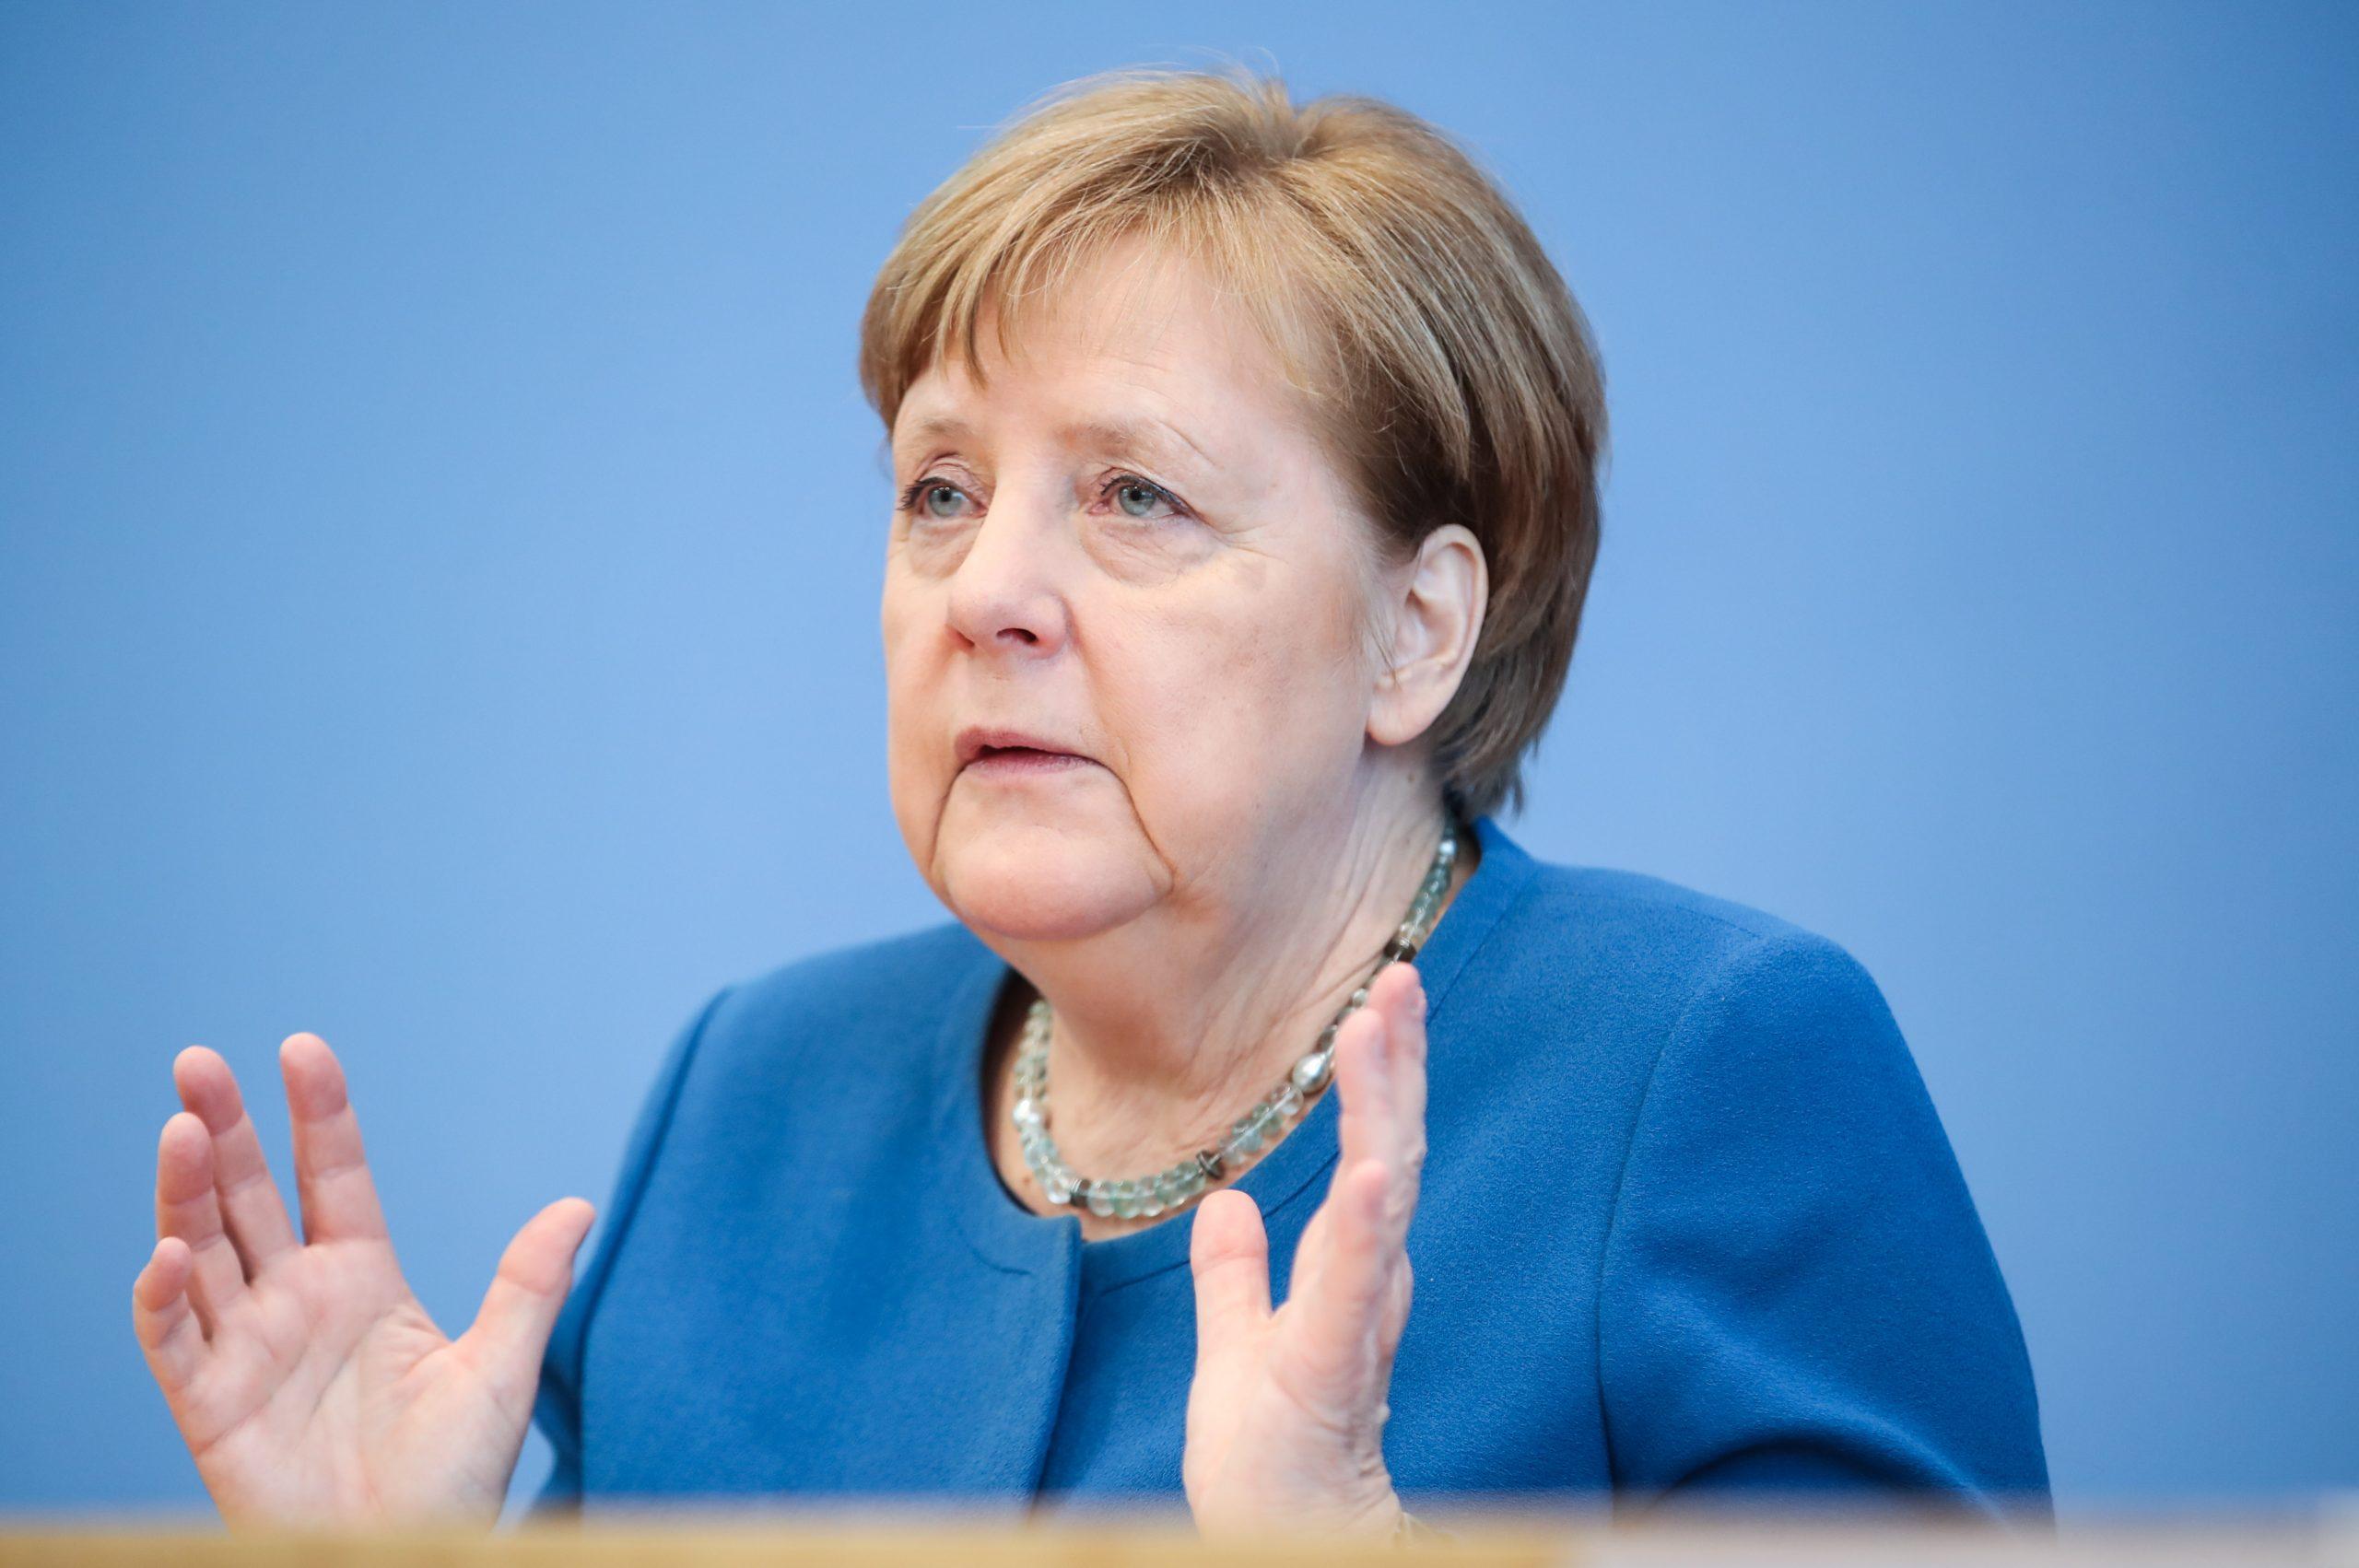 Merkel da negativo a coronavirus por tercera ocasión